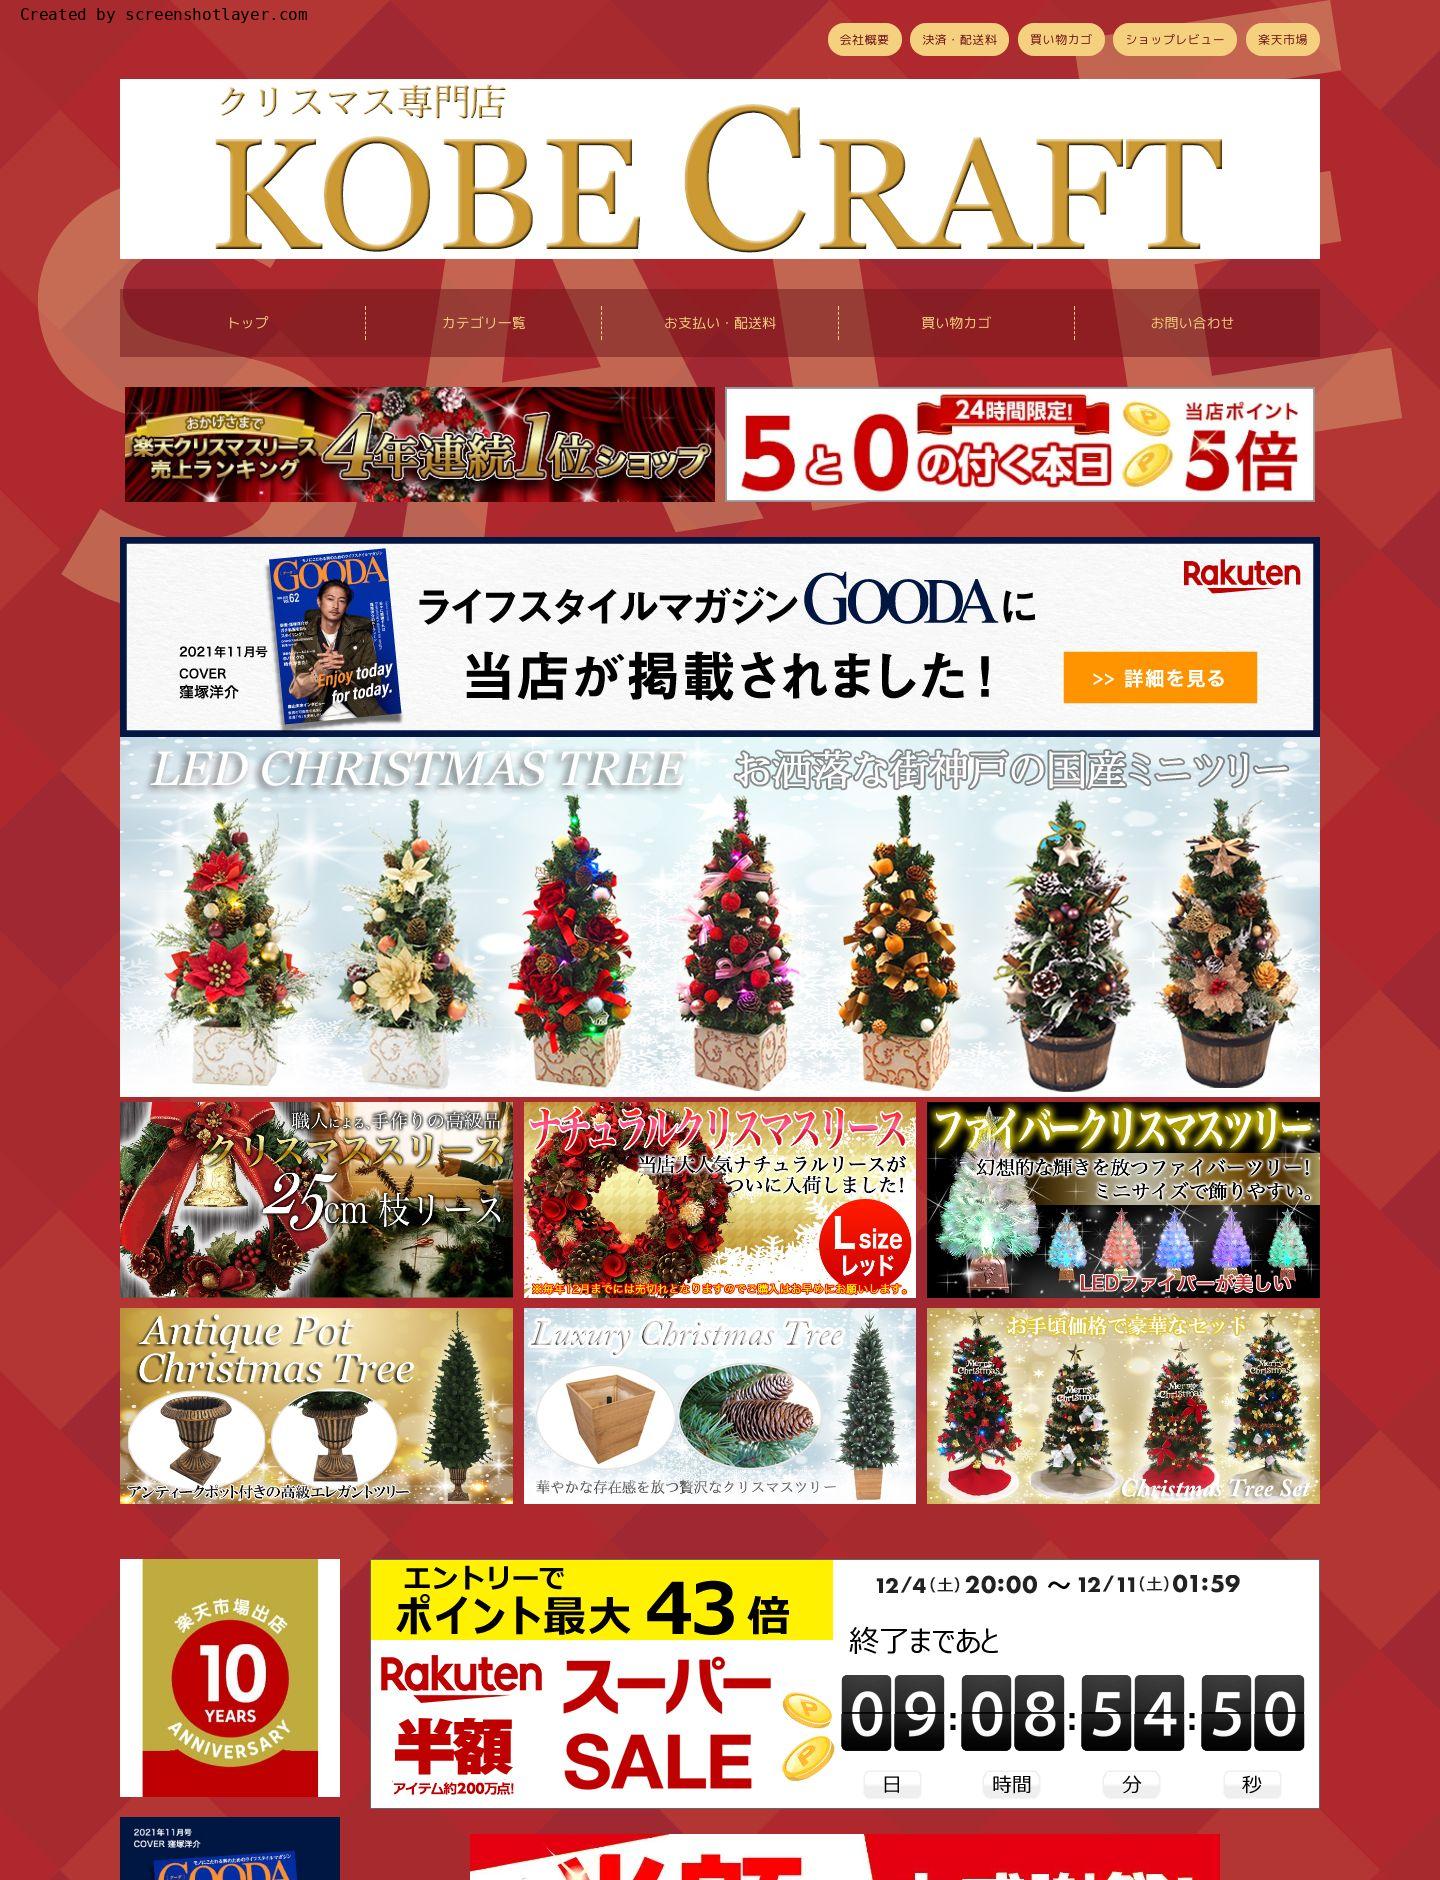 クリスマス専門店 KOBE CRAFT様 サイト画像